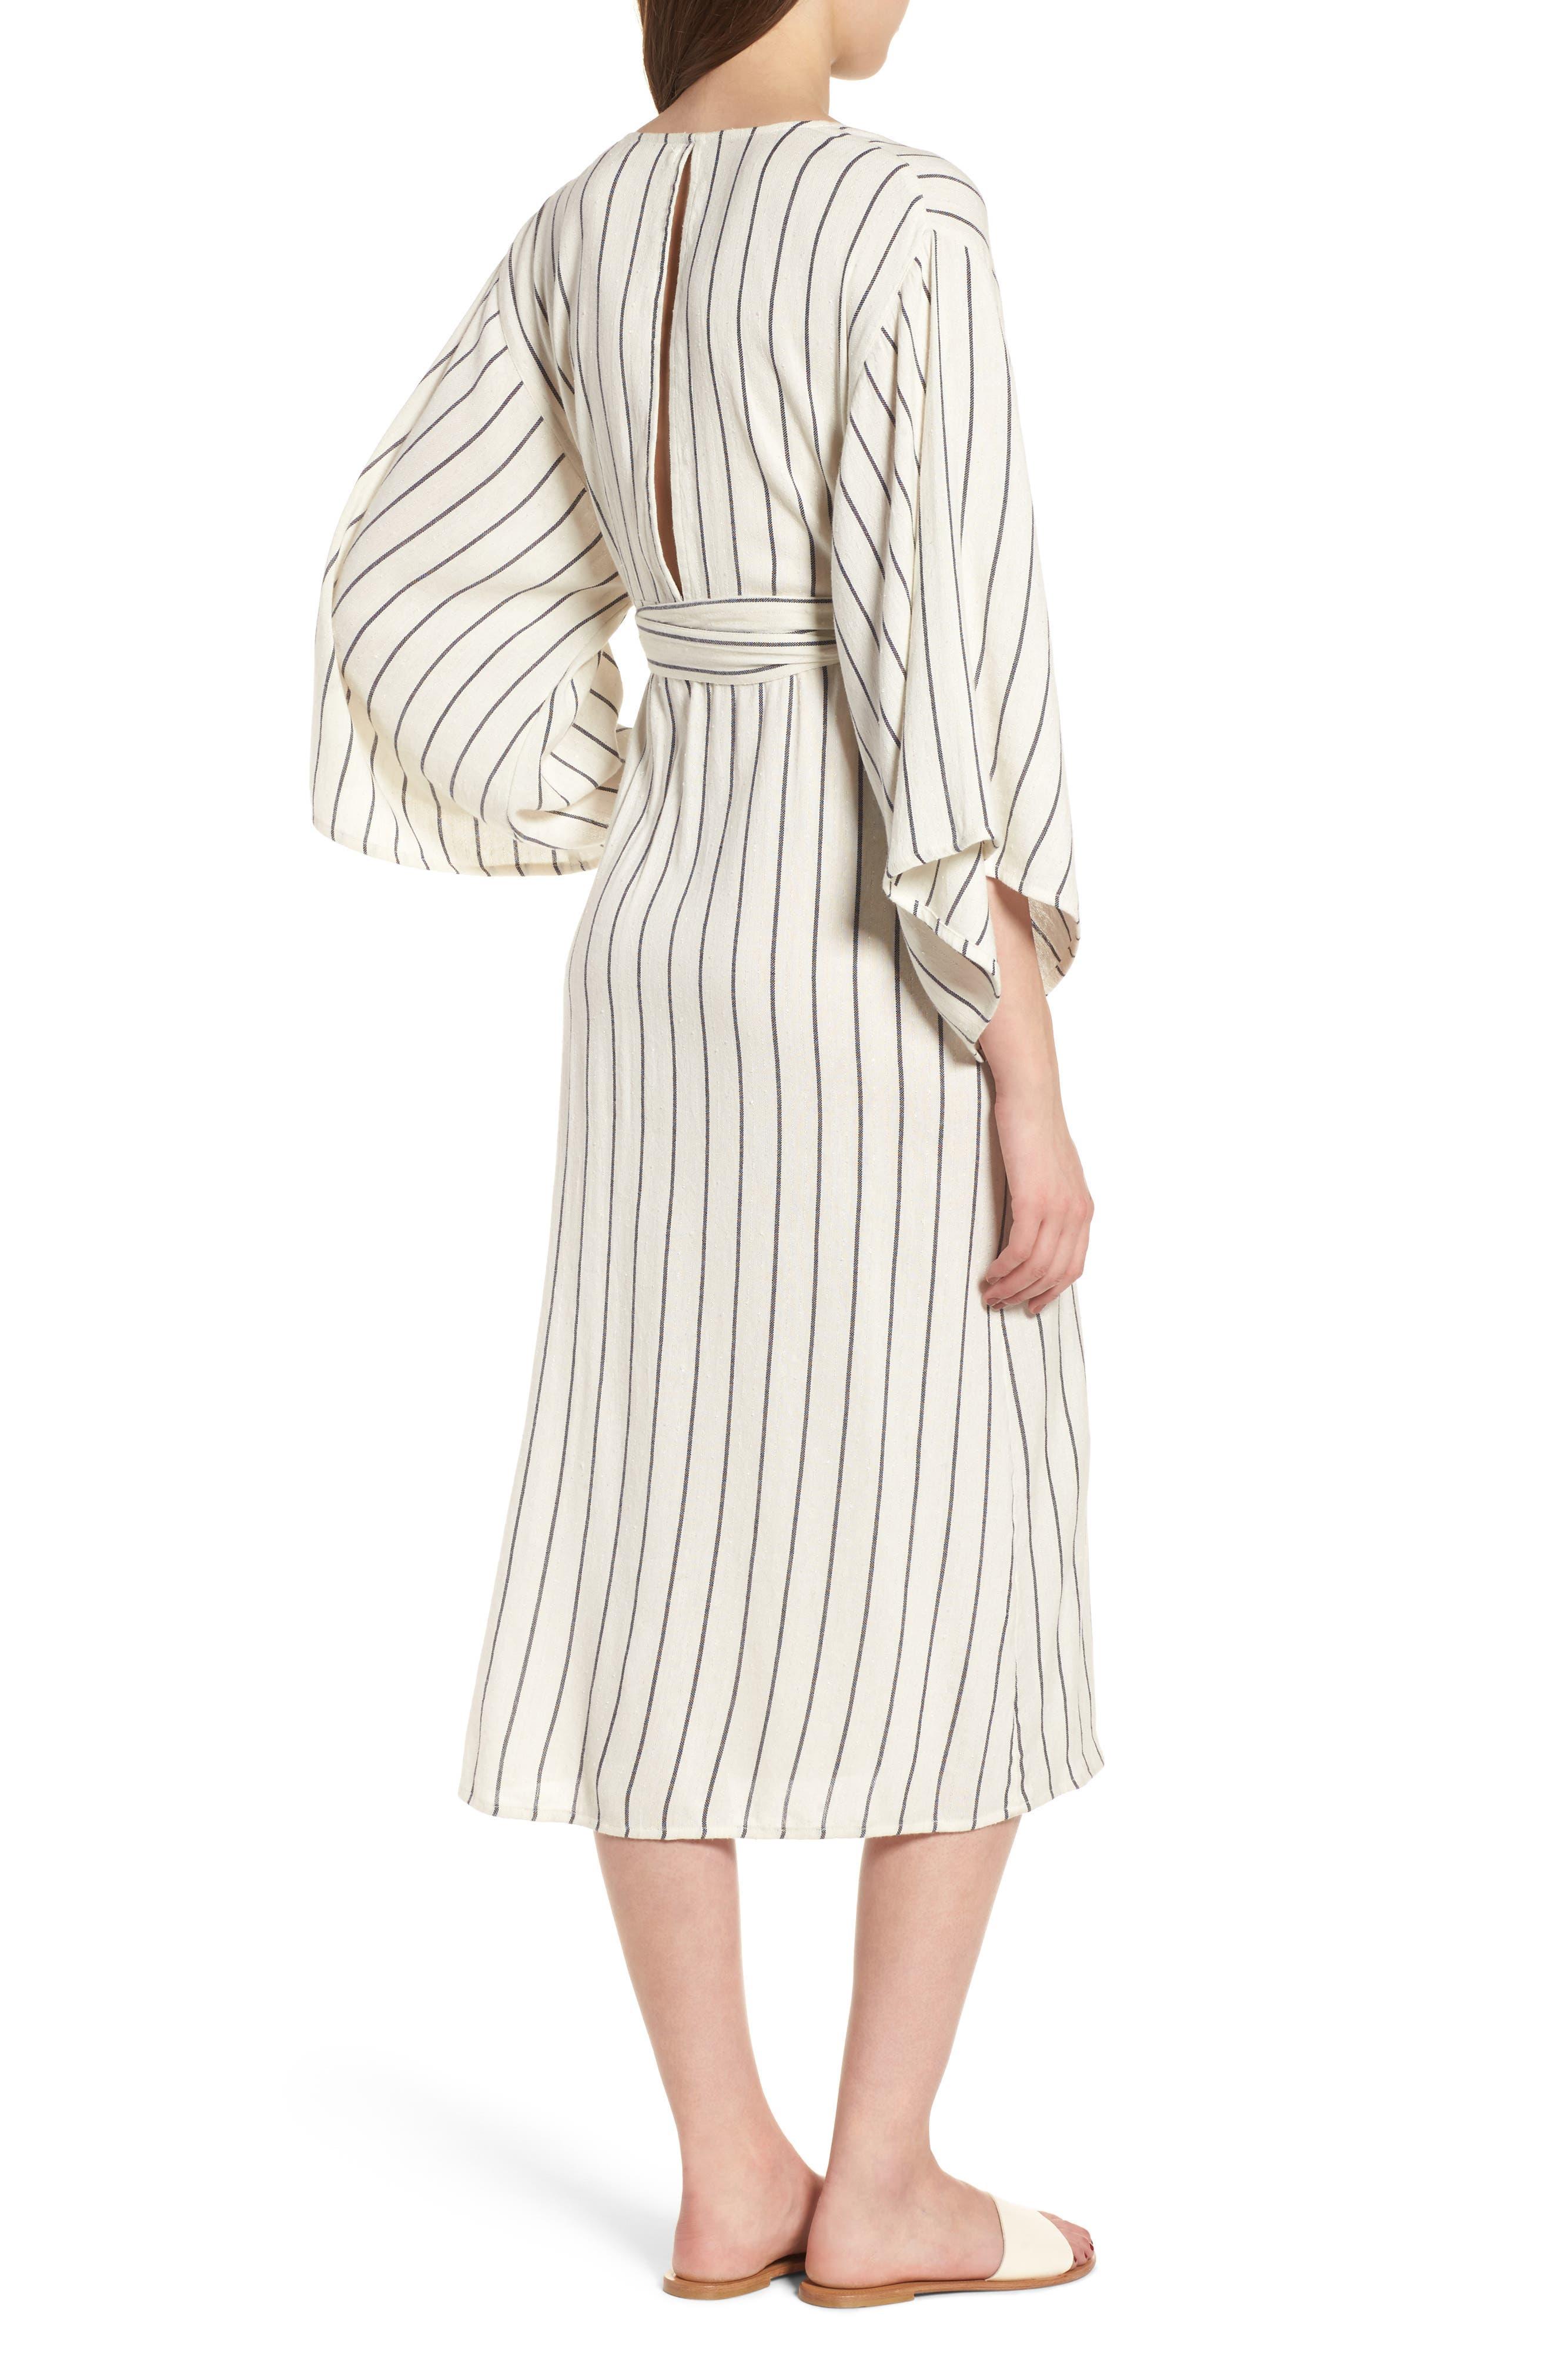 Robe Life Striped Midi Dress,                             Alternate thumbnail 2, color,                             190